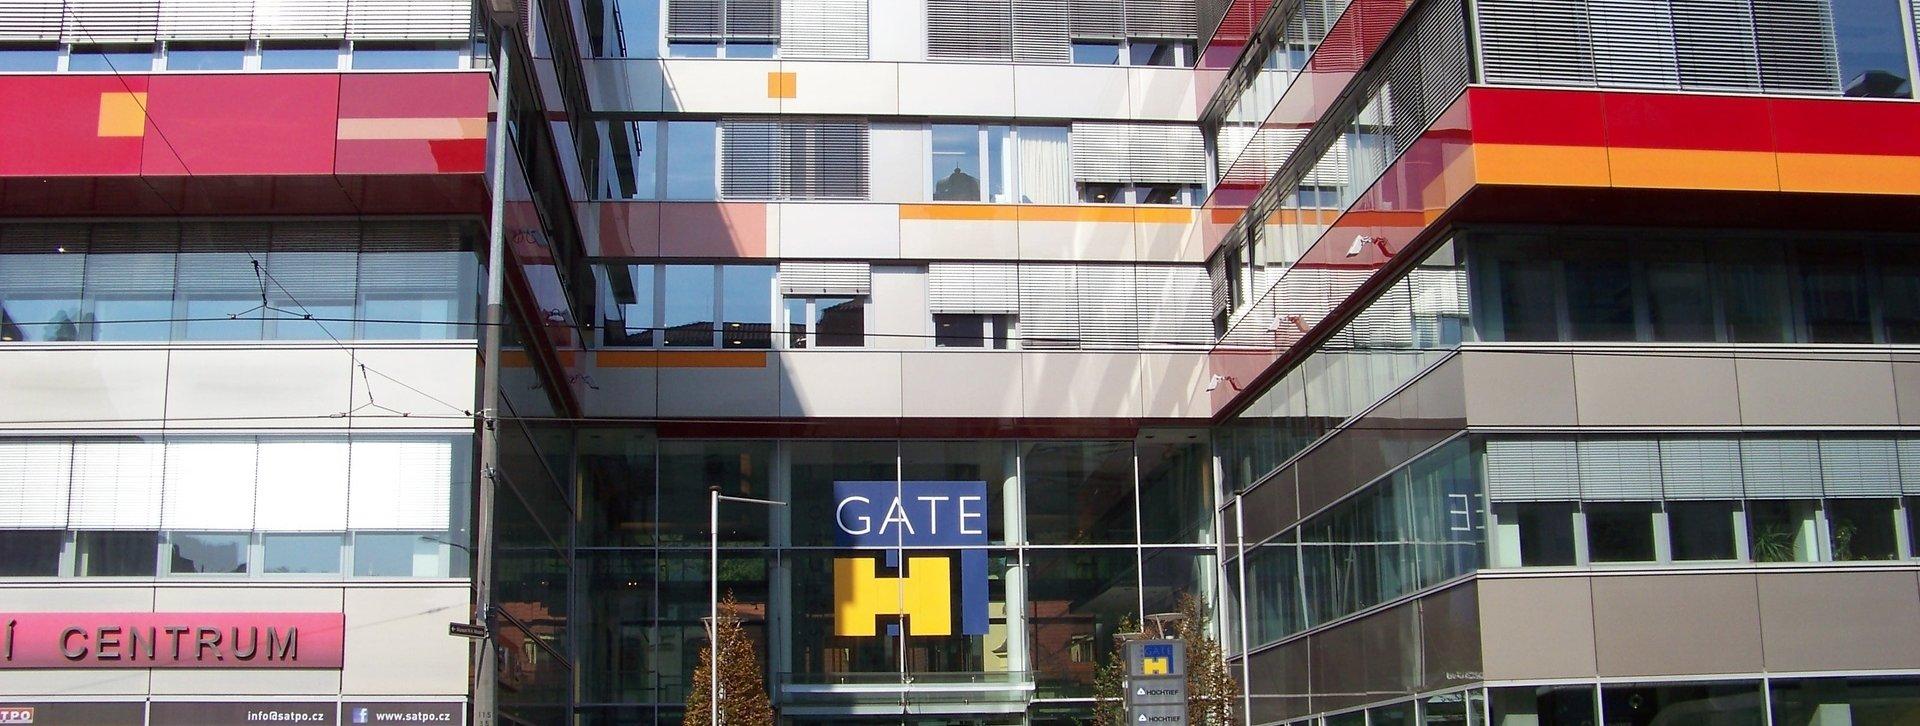 Smíchov_Gate,_vstup